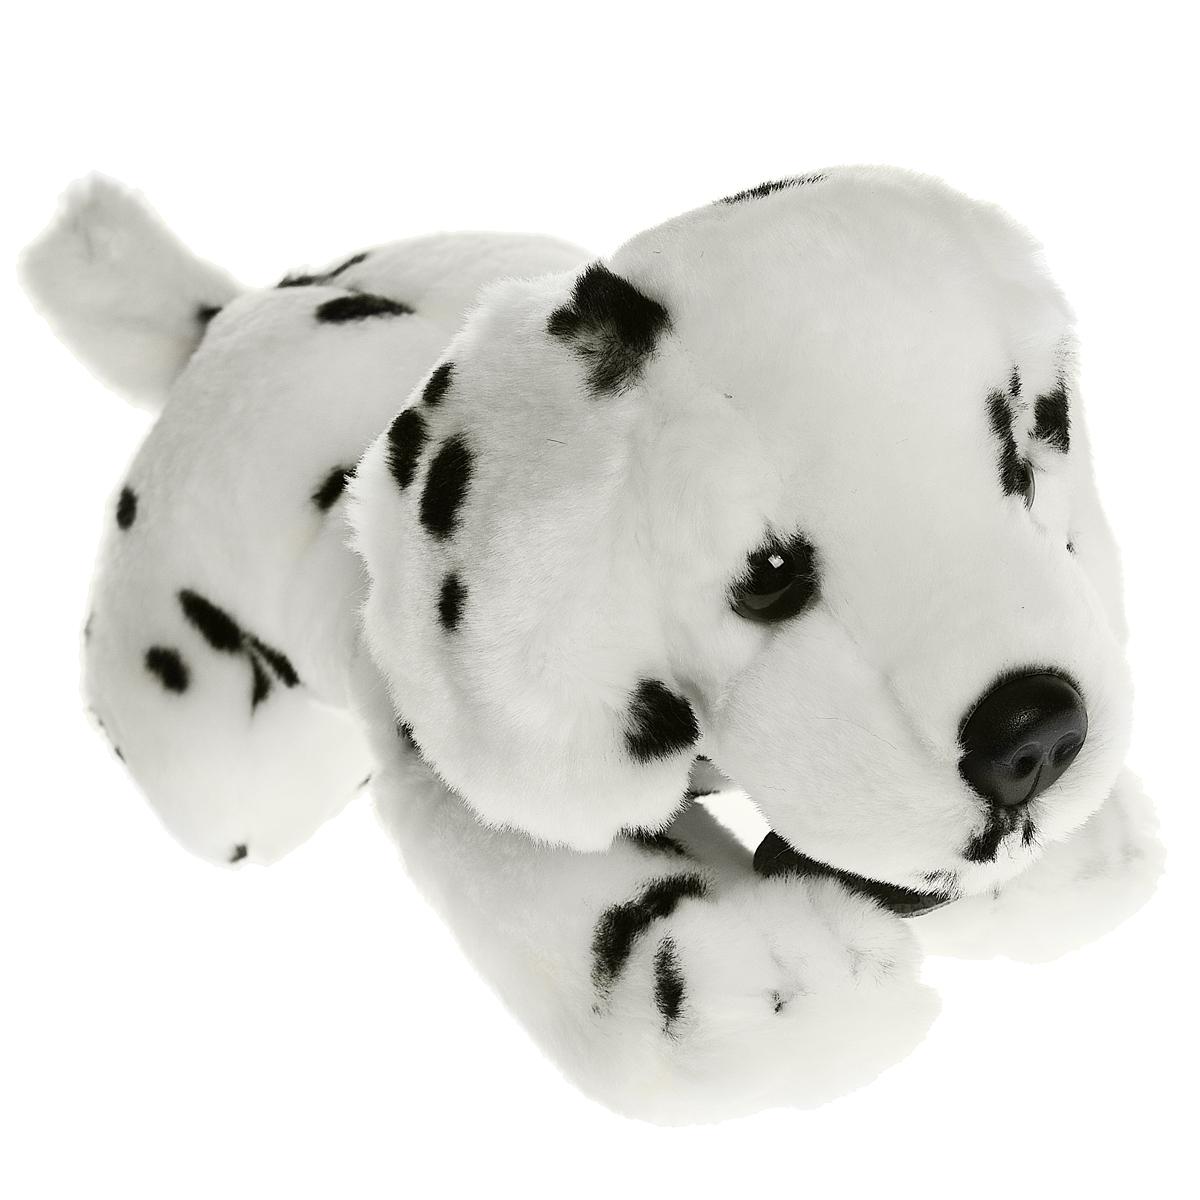 Мягкая игрушка Далматинец, 30 смSD4563Очаровательная мягкая игрушка Далматинец вызовет умиление и улыбку у каждого, кто ее увидит. Игрушка удивительно приятна на ощупь, а специальные гранулы, используемые при ее набивке, способствуют развитию мелкой моторики рук ребенка. Мягкая игрушка Далматинец с милой мордочкой и ясными глазками, имеет ошейник из искусственной кожи, на котором прикреплена бирка с надписью Buttons. Оригинальный стиль и великолепное качество исполнения делают эту игрушку чудесным подарком к любому празднику, а милый образ представит такой подарок в самом лучшем свете.